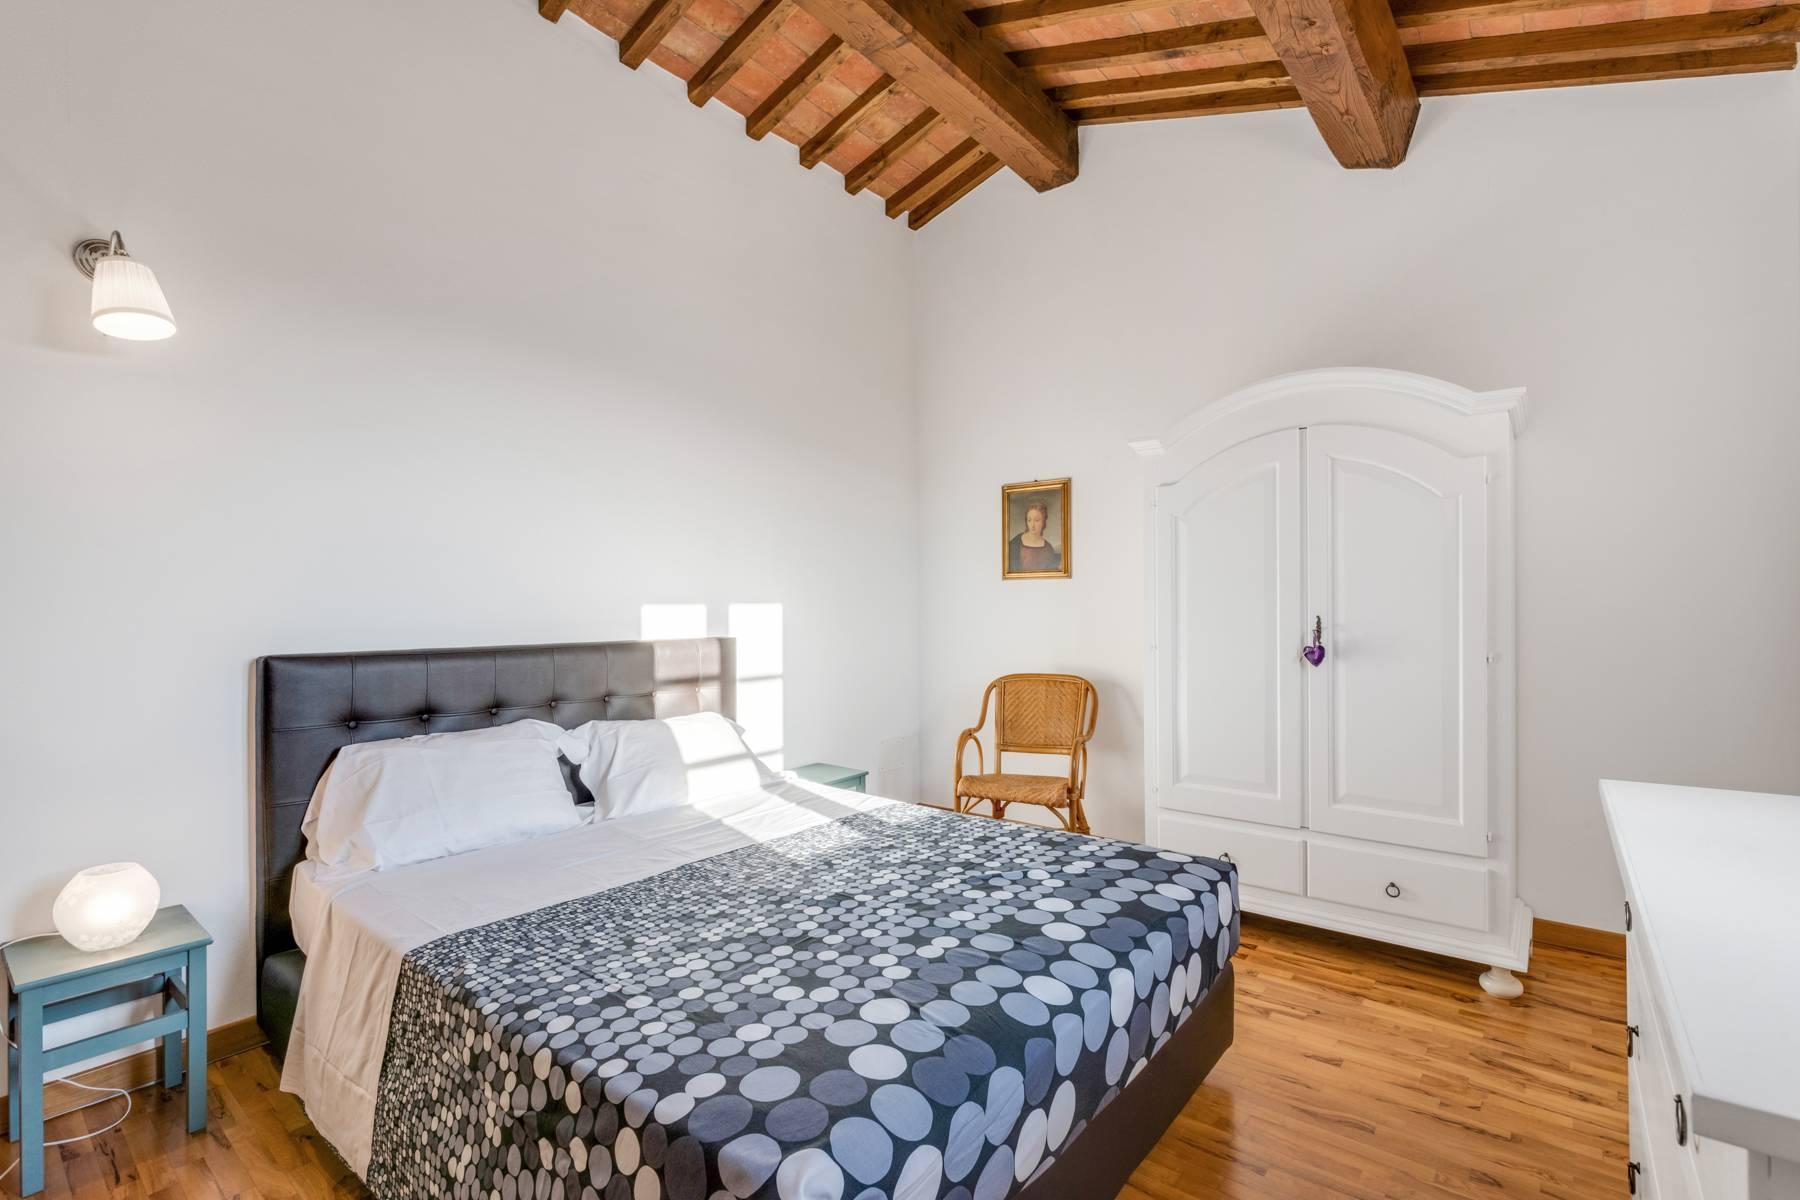 Charmante maison de campagne avec piscine sur les collines toscanes - 19